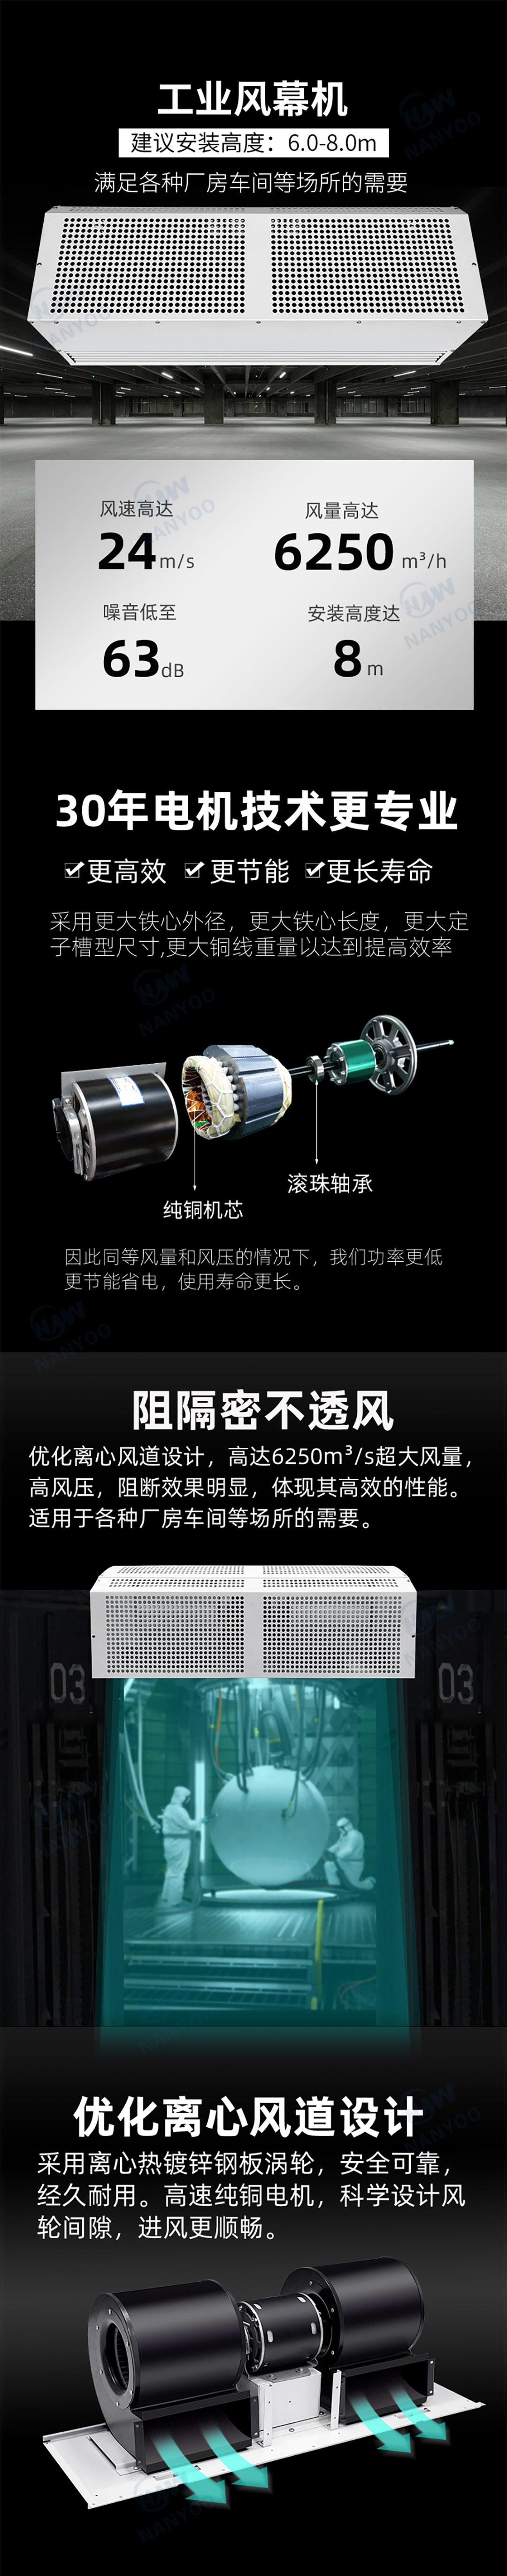 工业风幕机1.jpg